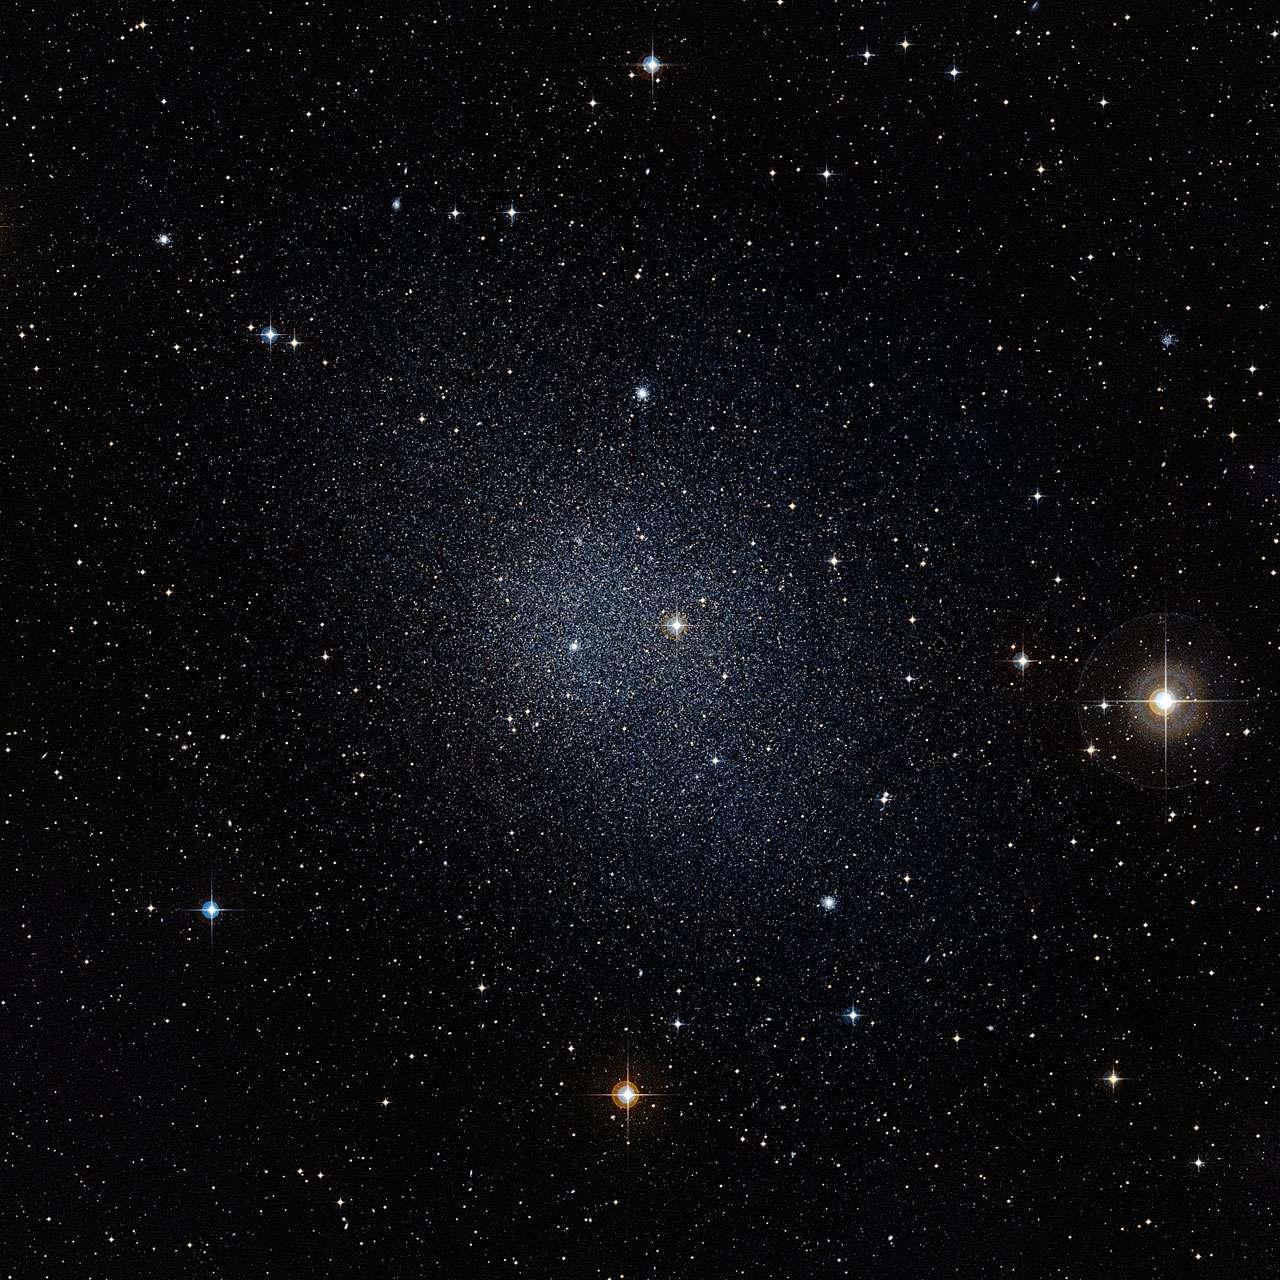 D'après le modèle de la matière noire froide, les galaxies naines contiendraient une masse sous forme de nouvelles particules inconnues mille fois plus importante que la matière visible sous forme d'étoiles et de nuages d'hydrogène (dans le cas de la Voie lactée, ce rapport est de dix environ). Les galaxies naines de la Voie lactée, comme celle du Fourneau (à l'image), sont donc de bons laboratoires pour tester la théorie de la matière noire. Jusqu'à présent, les observations et la théorie étaient en contradiction concernant la répartition de la matière noire dans ces galaxies. Ce problème vient peut-être de trouver un début de solution. © Eso